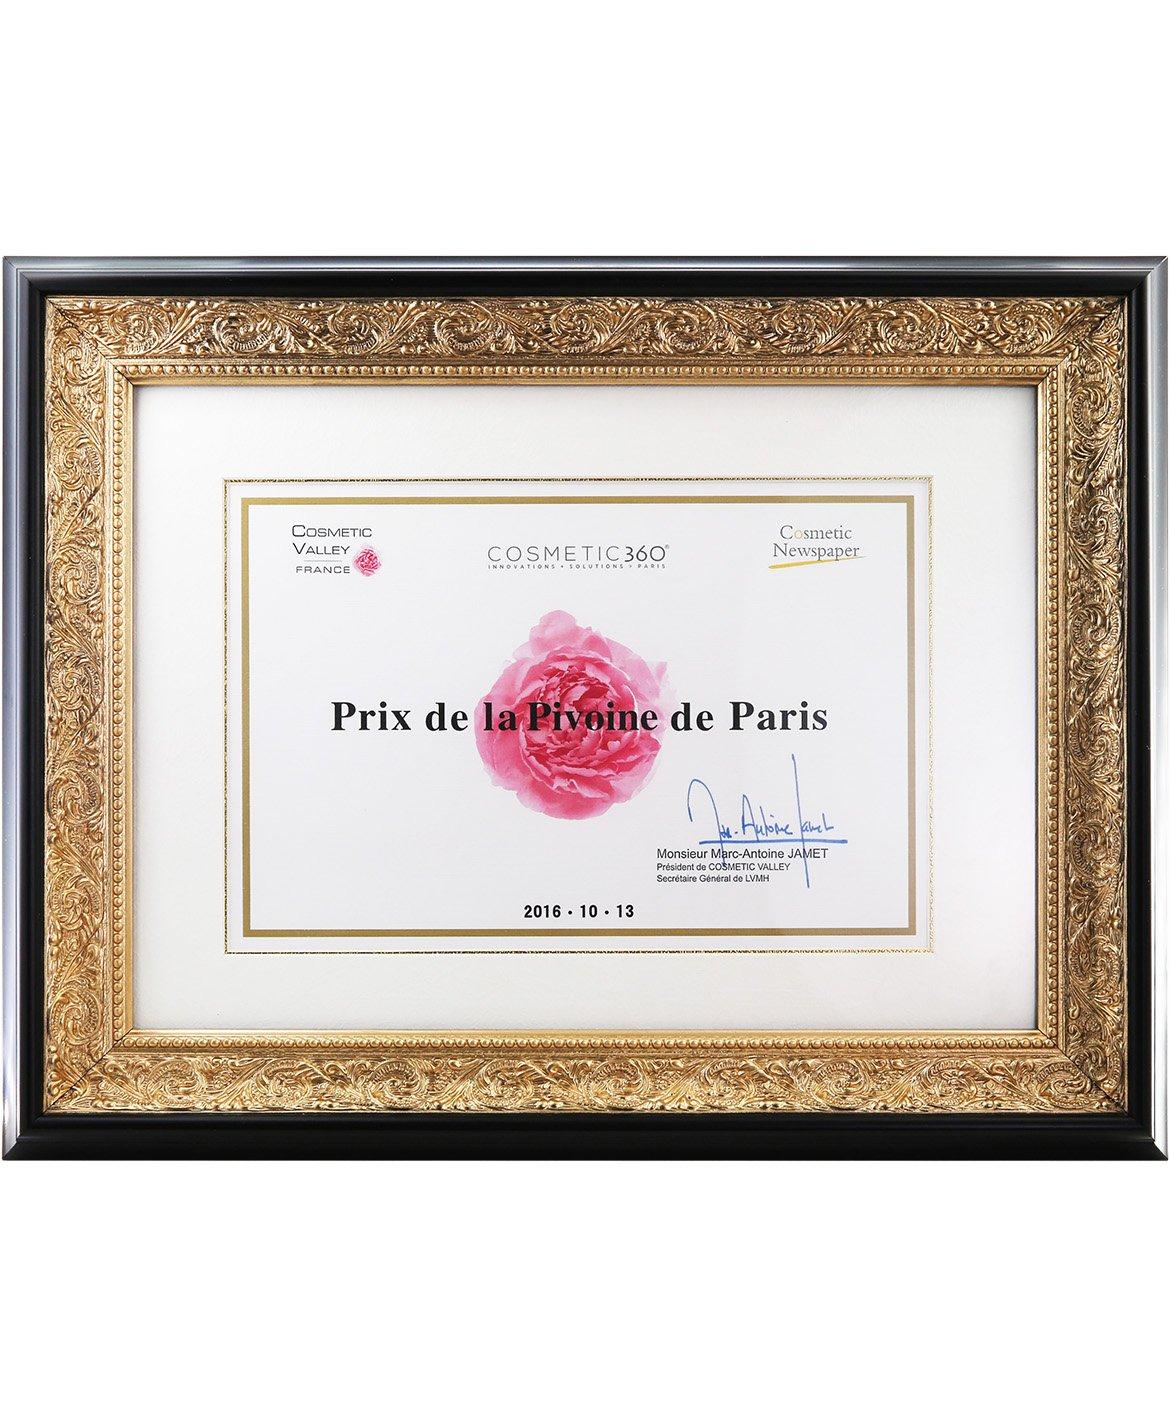 巴黎牡丹奖